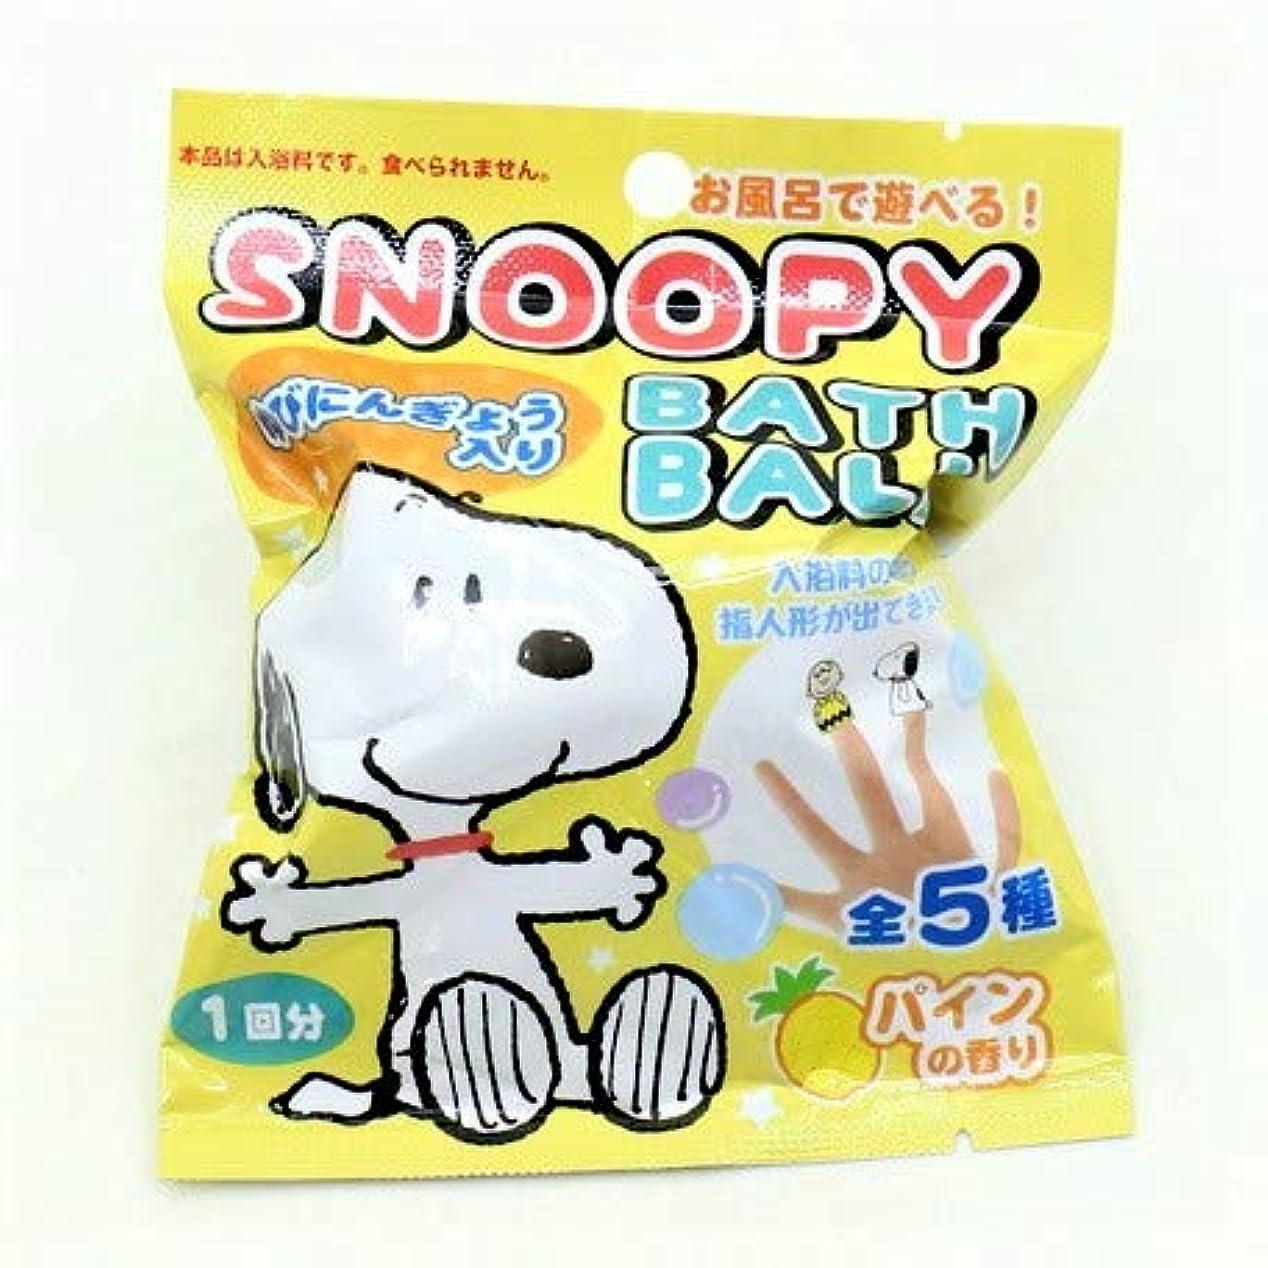 硫黄取り出す著作権スヌーピー バスボール 入浴剤 パインの香り 6個1セット 指人形 Snoopy